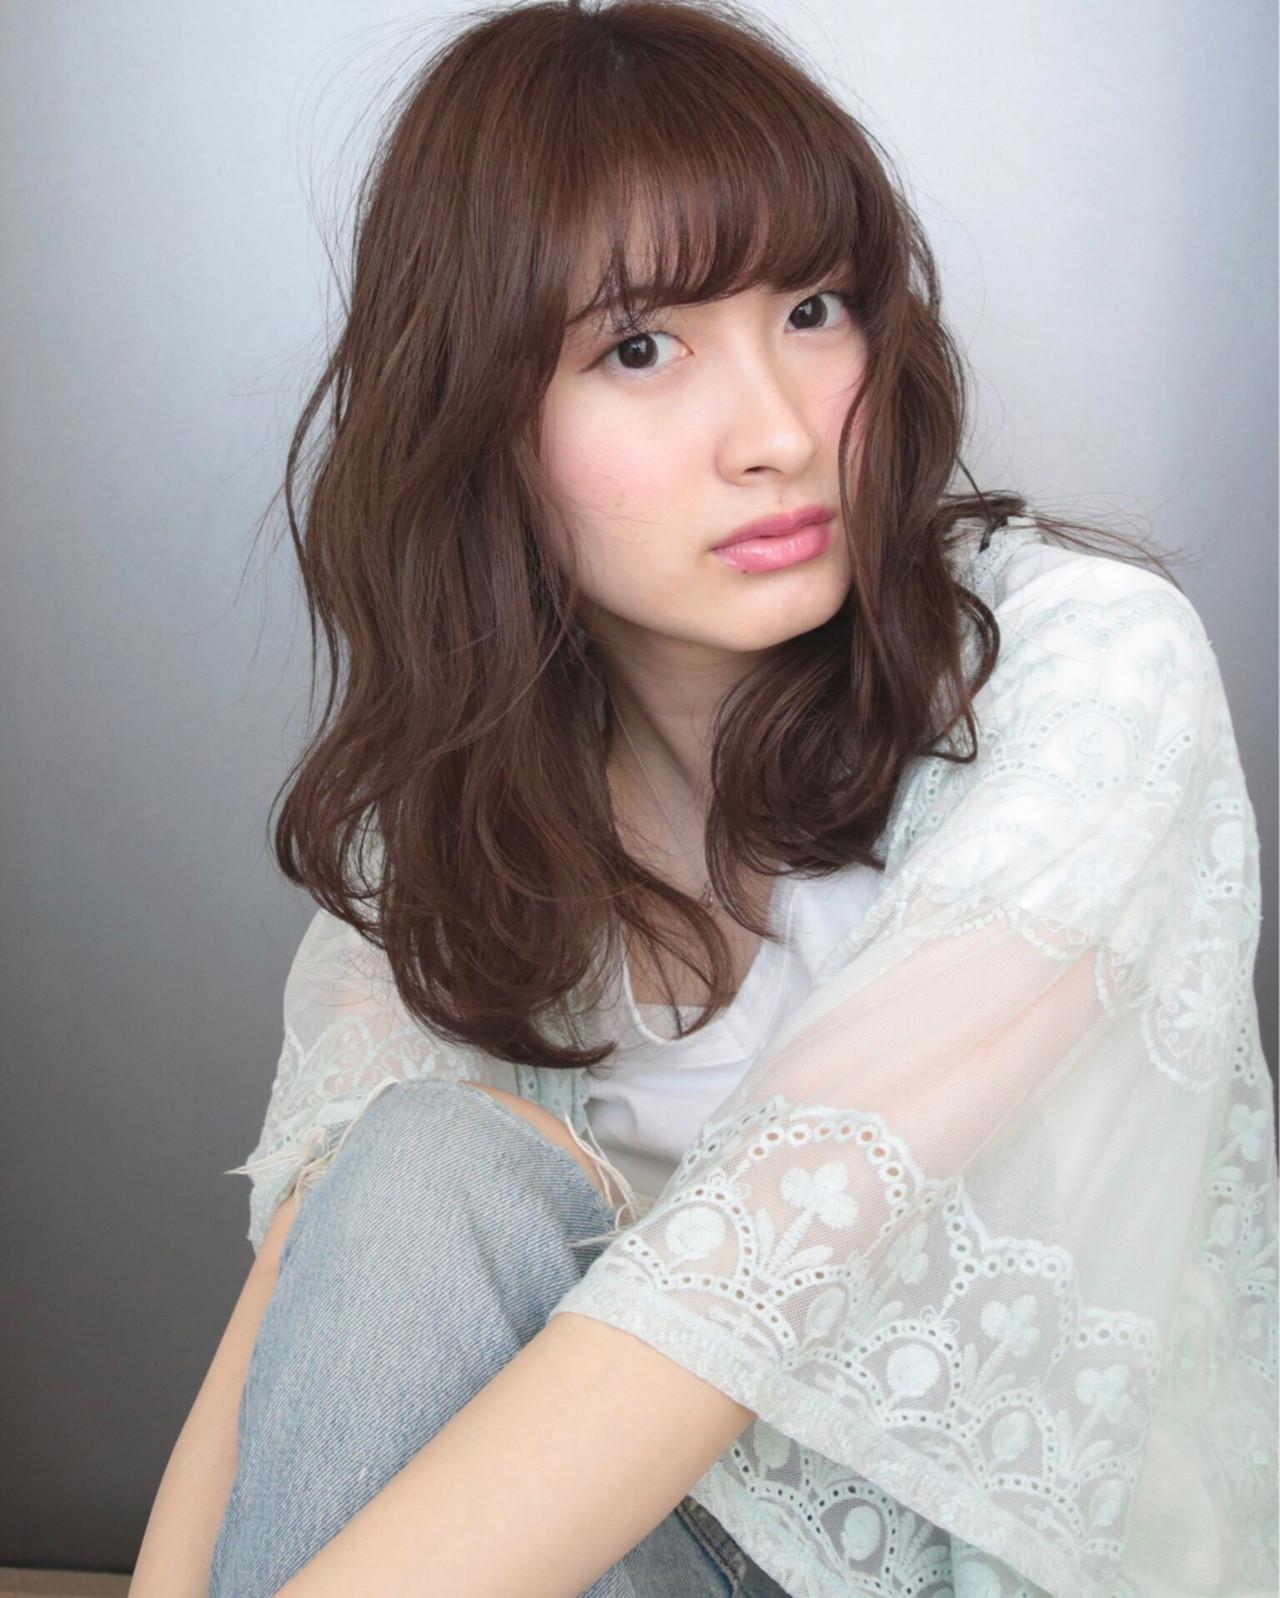 あなたに似合う前髪見つかった?オトナかわいいオシャレ前髪スタイル集♡ 岸本美咲